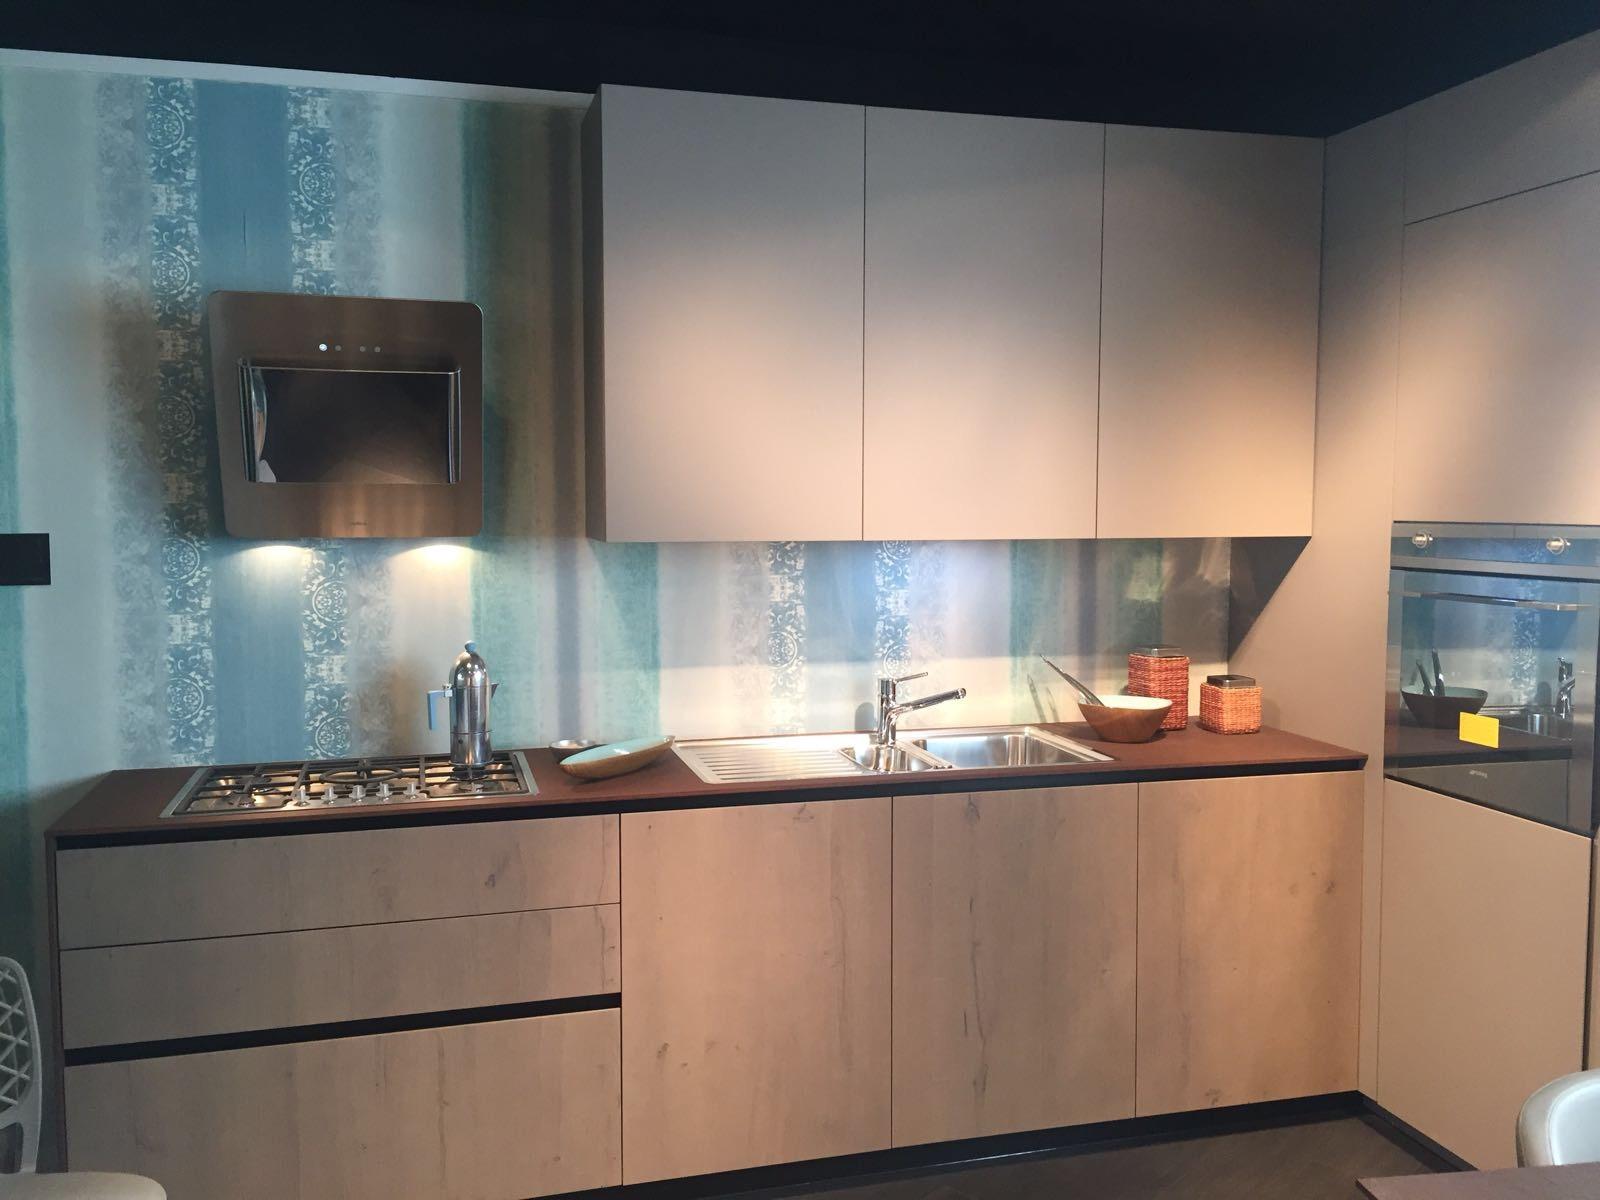 Cucina ak 04 arrital in occasione al 53 moderna laccato e - Cucina bianca e legno naturale ...